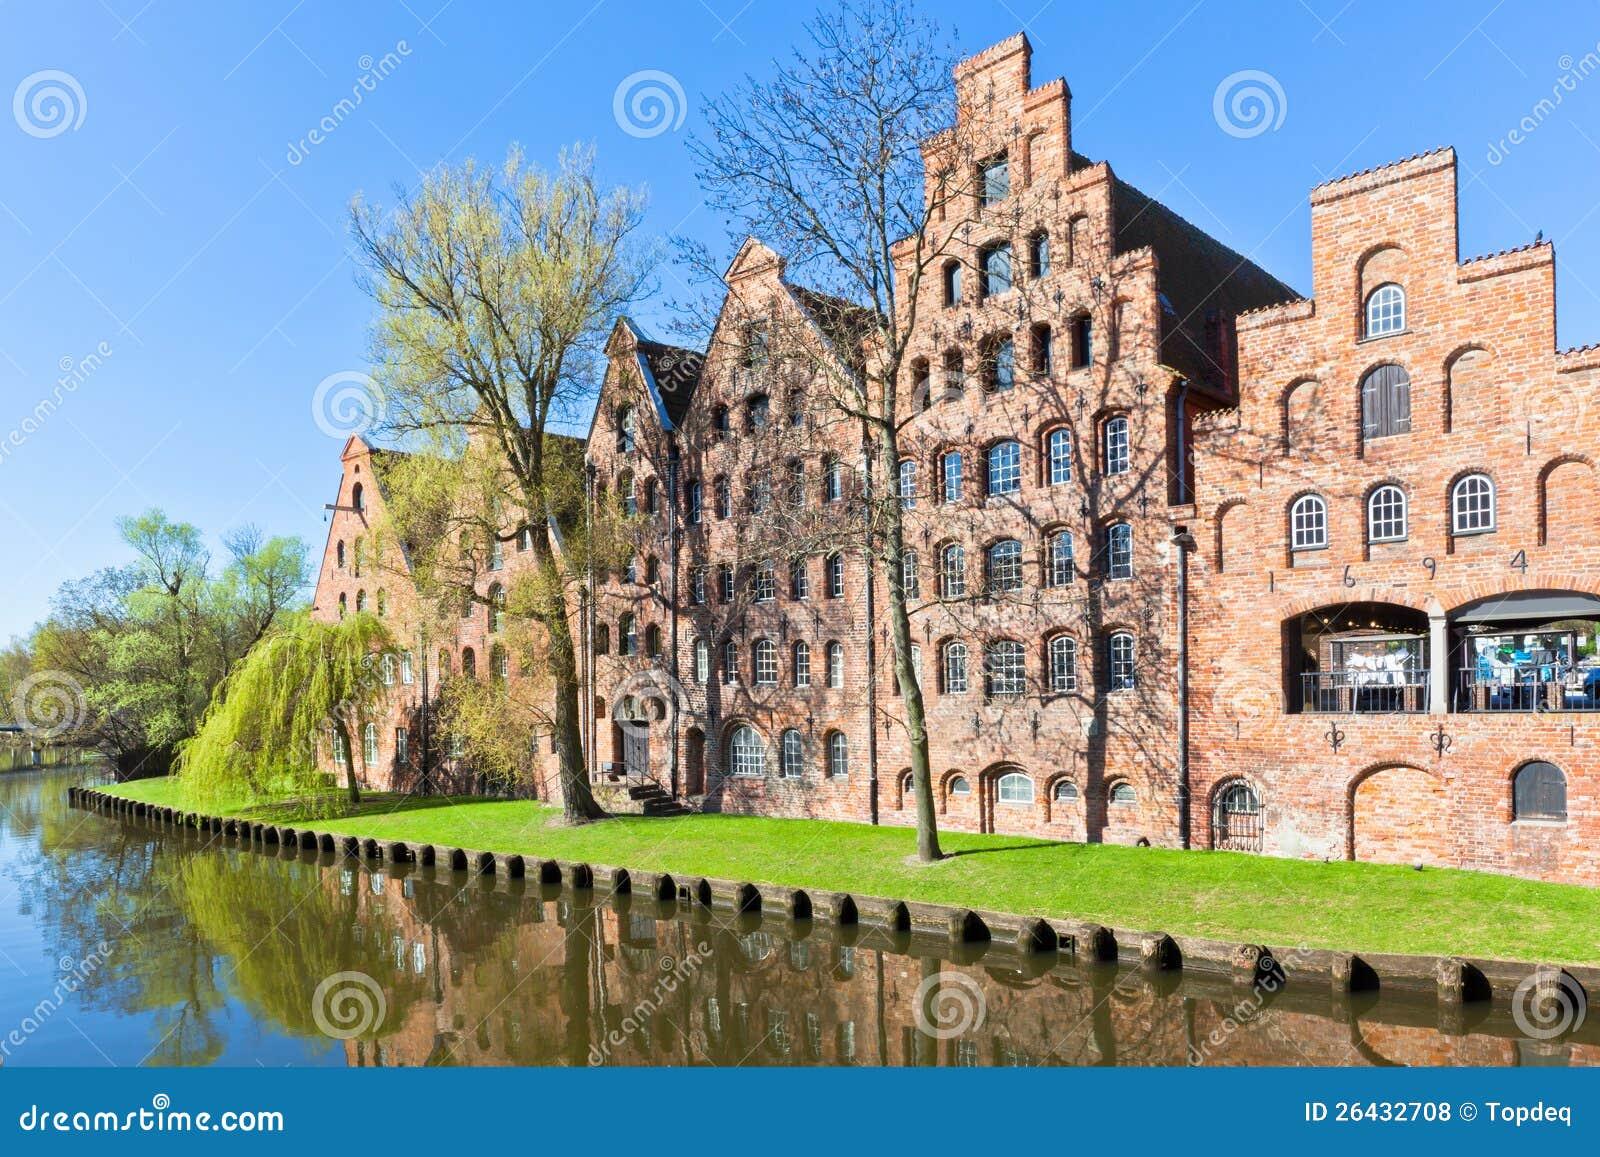 Architektur Lübeck architektur in lübeck deutschland stockfoto bild giebel